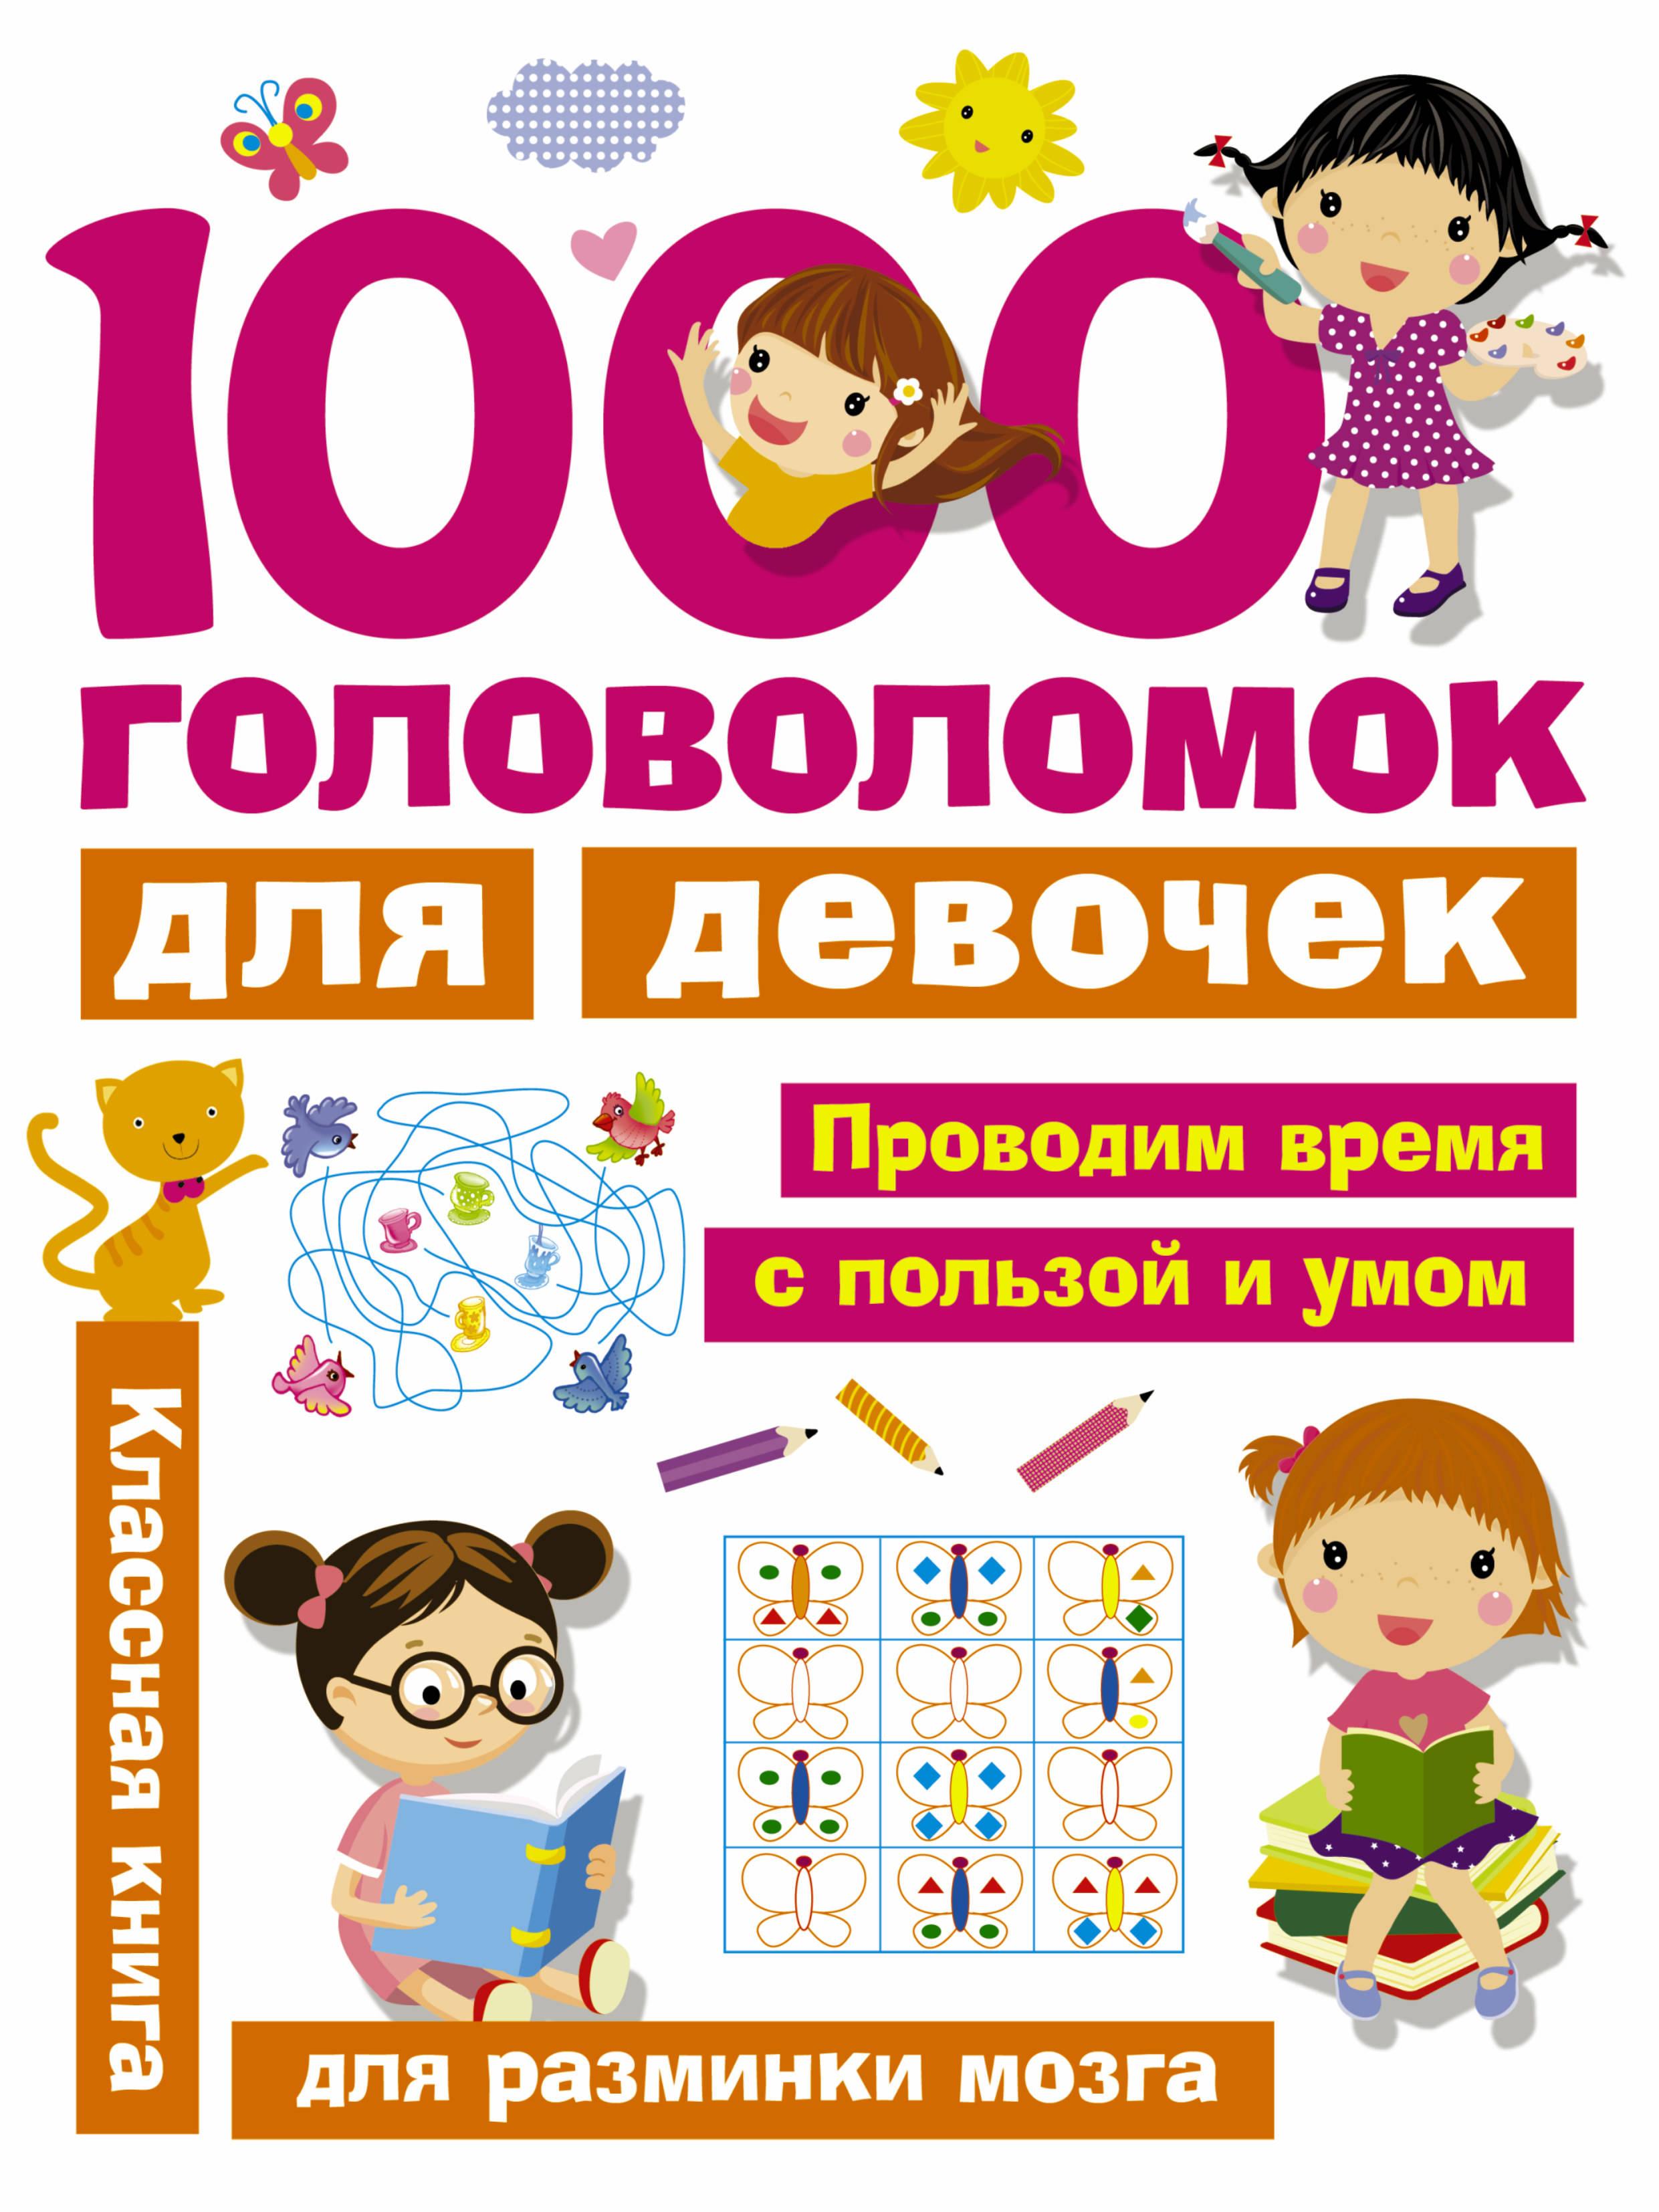 1000 головоломок для девочек кен рассел филип картер 160 головоломок в картинках три уровня сложности